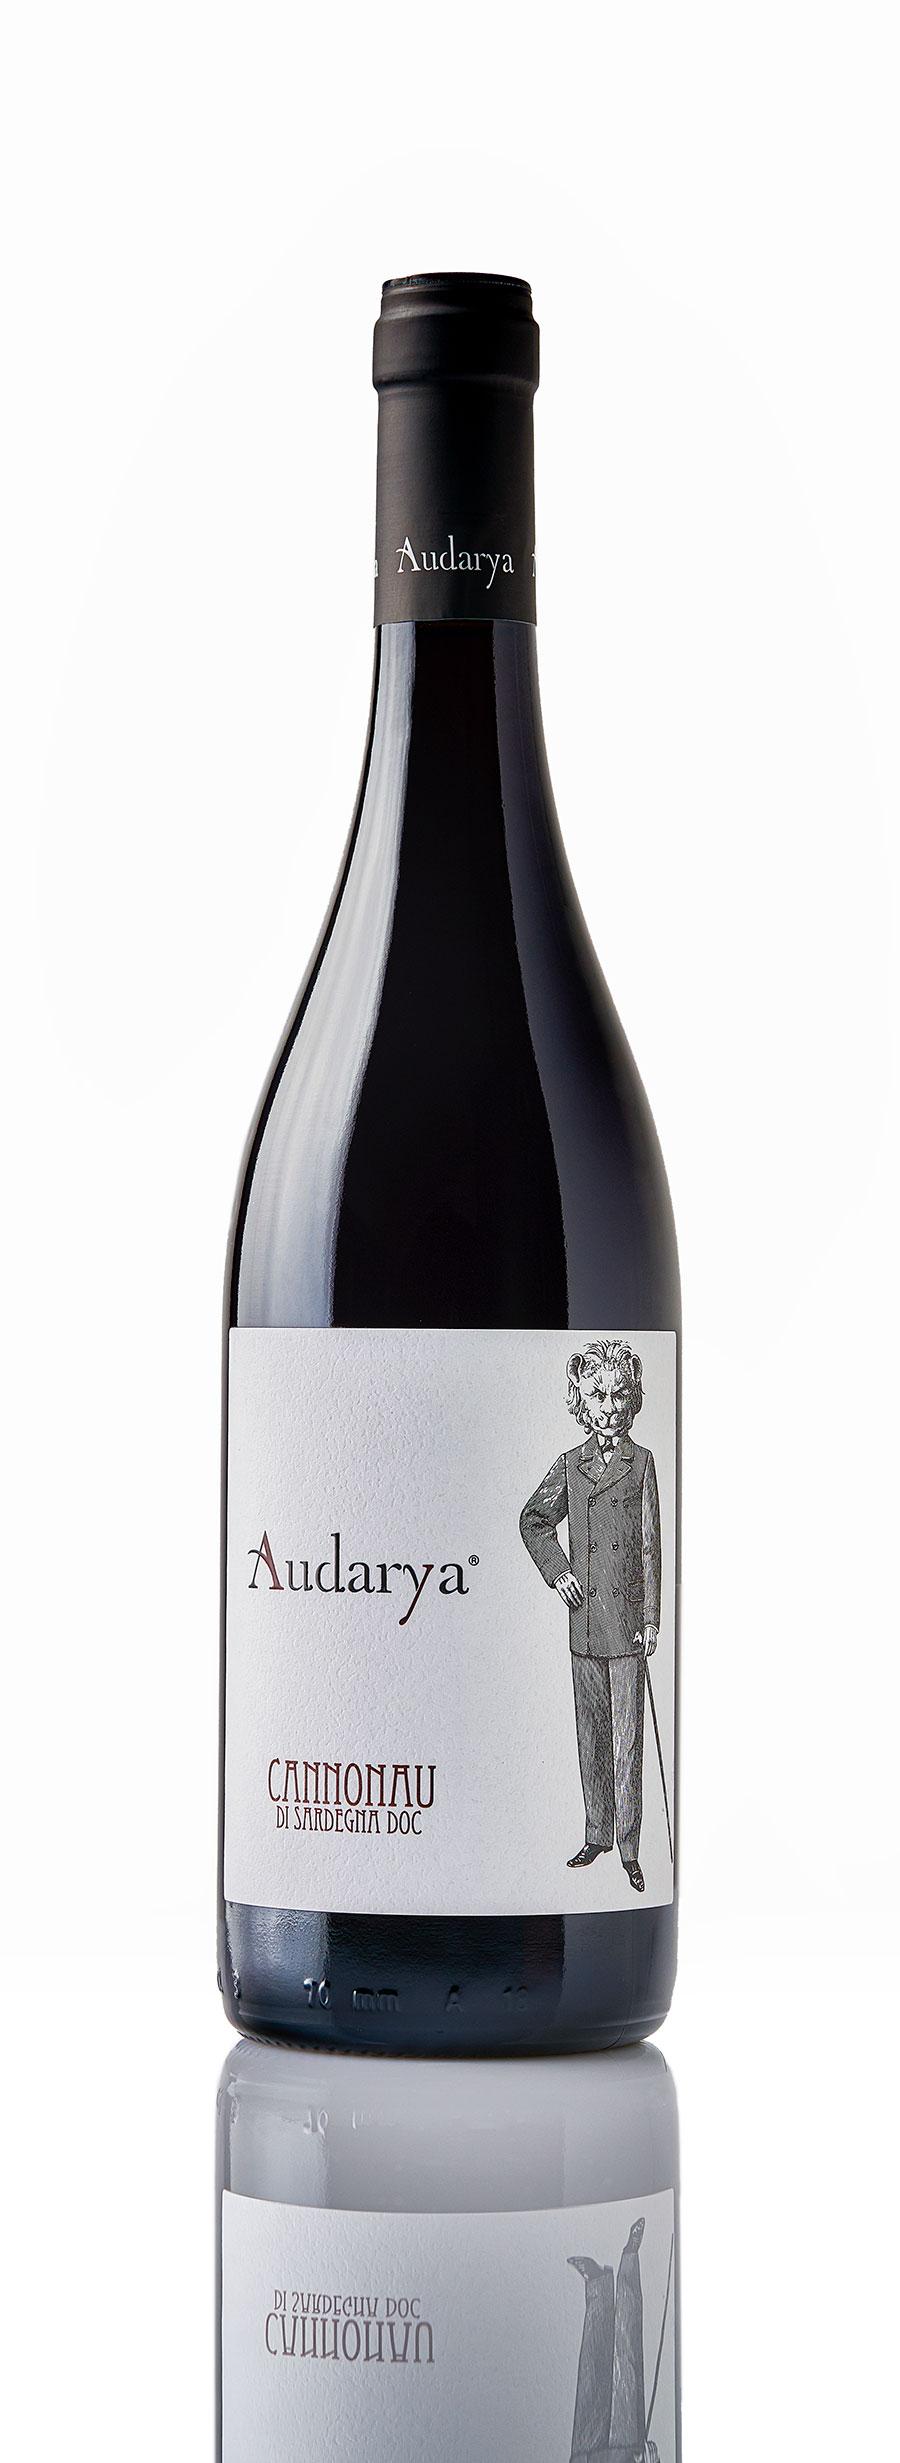 Audarya - Viticoltori in Sardegna - Cannonau - Cannonau di Sardegna DOC